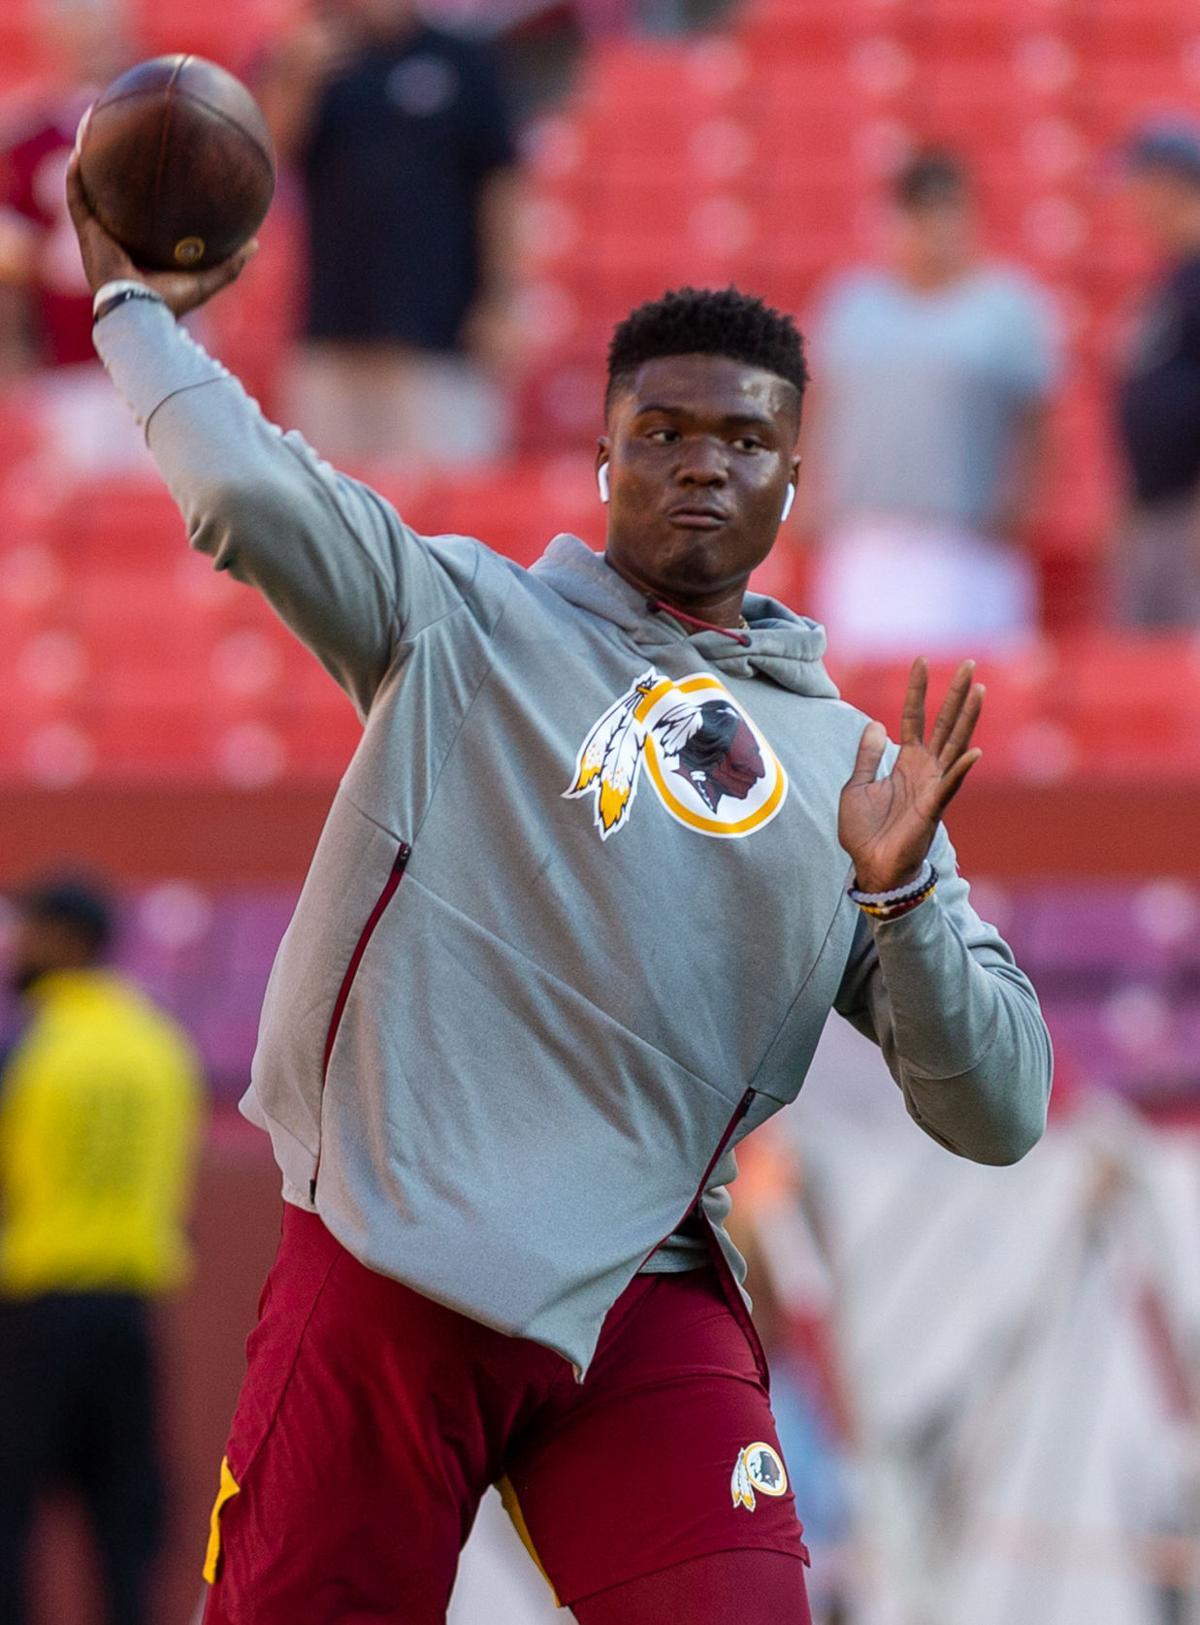 NFL: Preseason-Baltimore Ravens at Washington Redskins